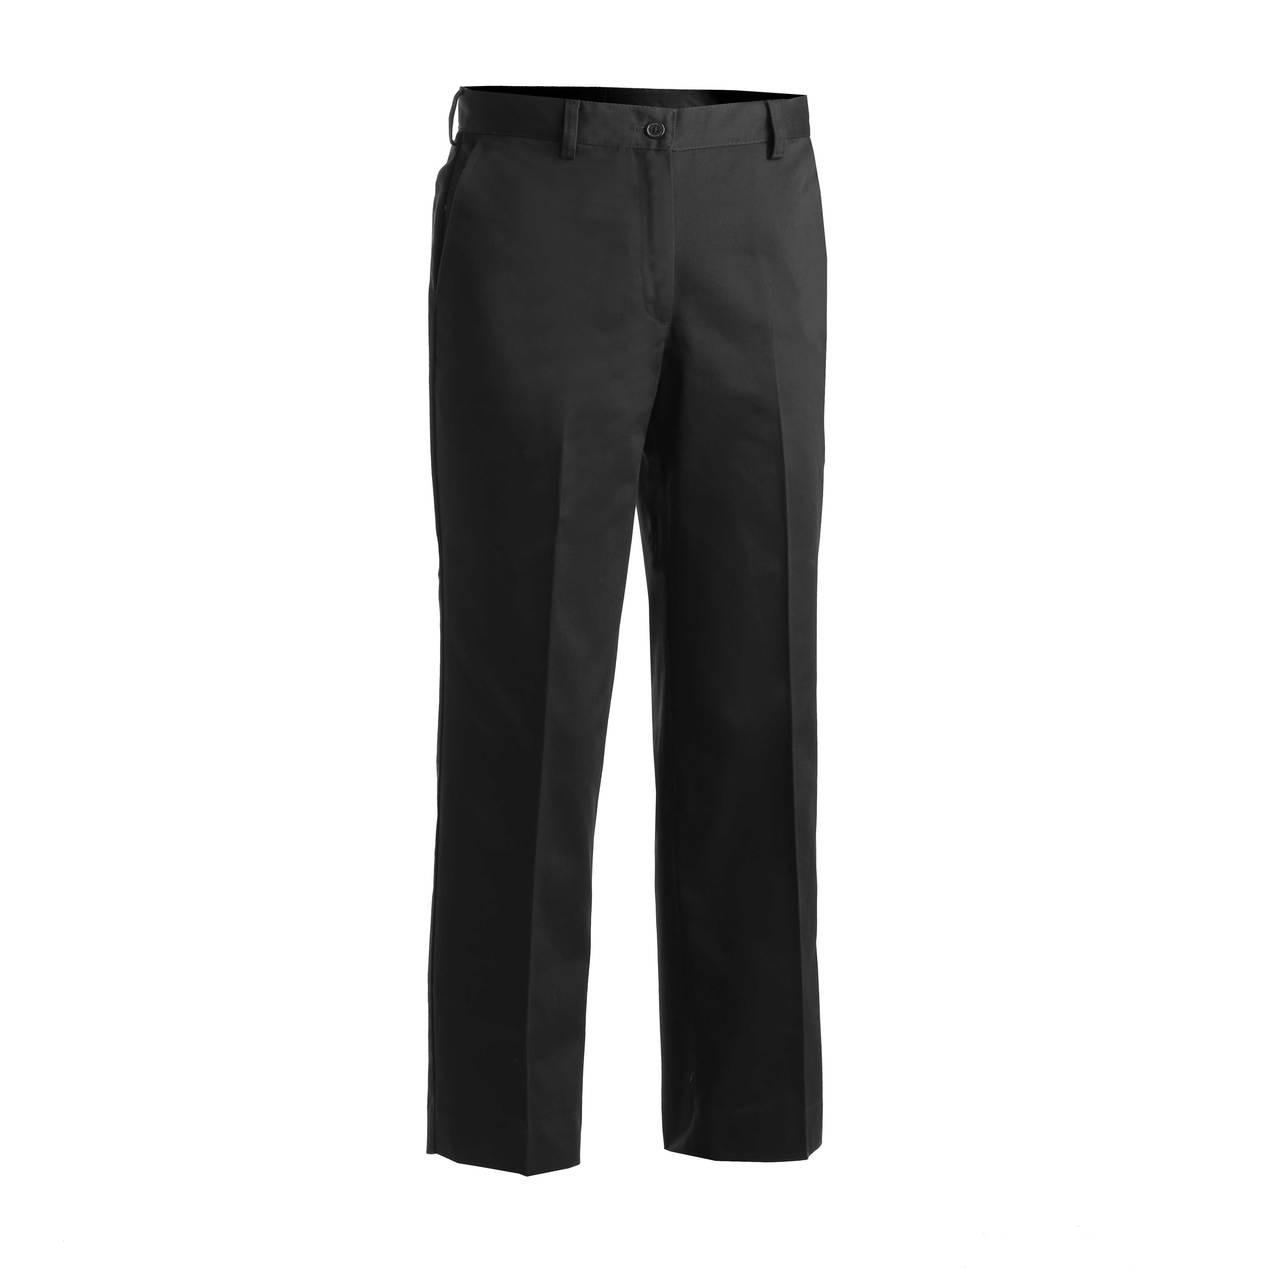 Women's Value Utility Pants CLOSEOUT No Returns